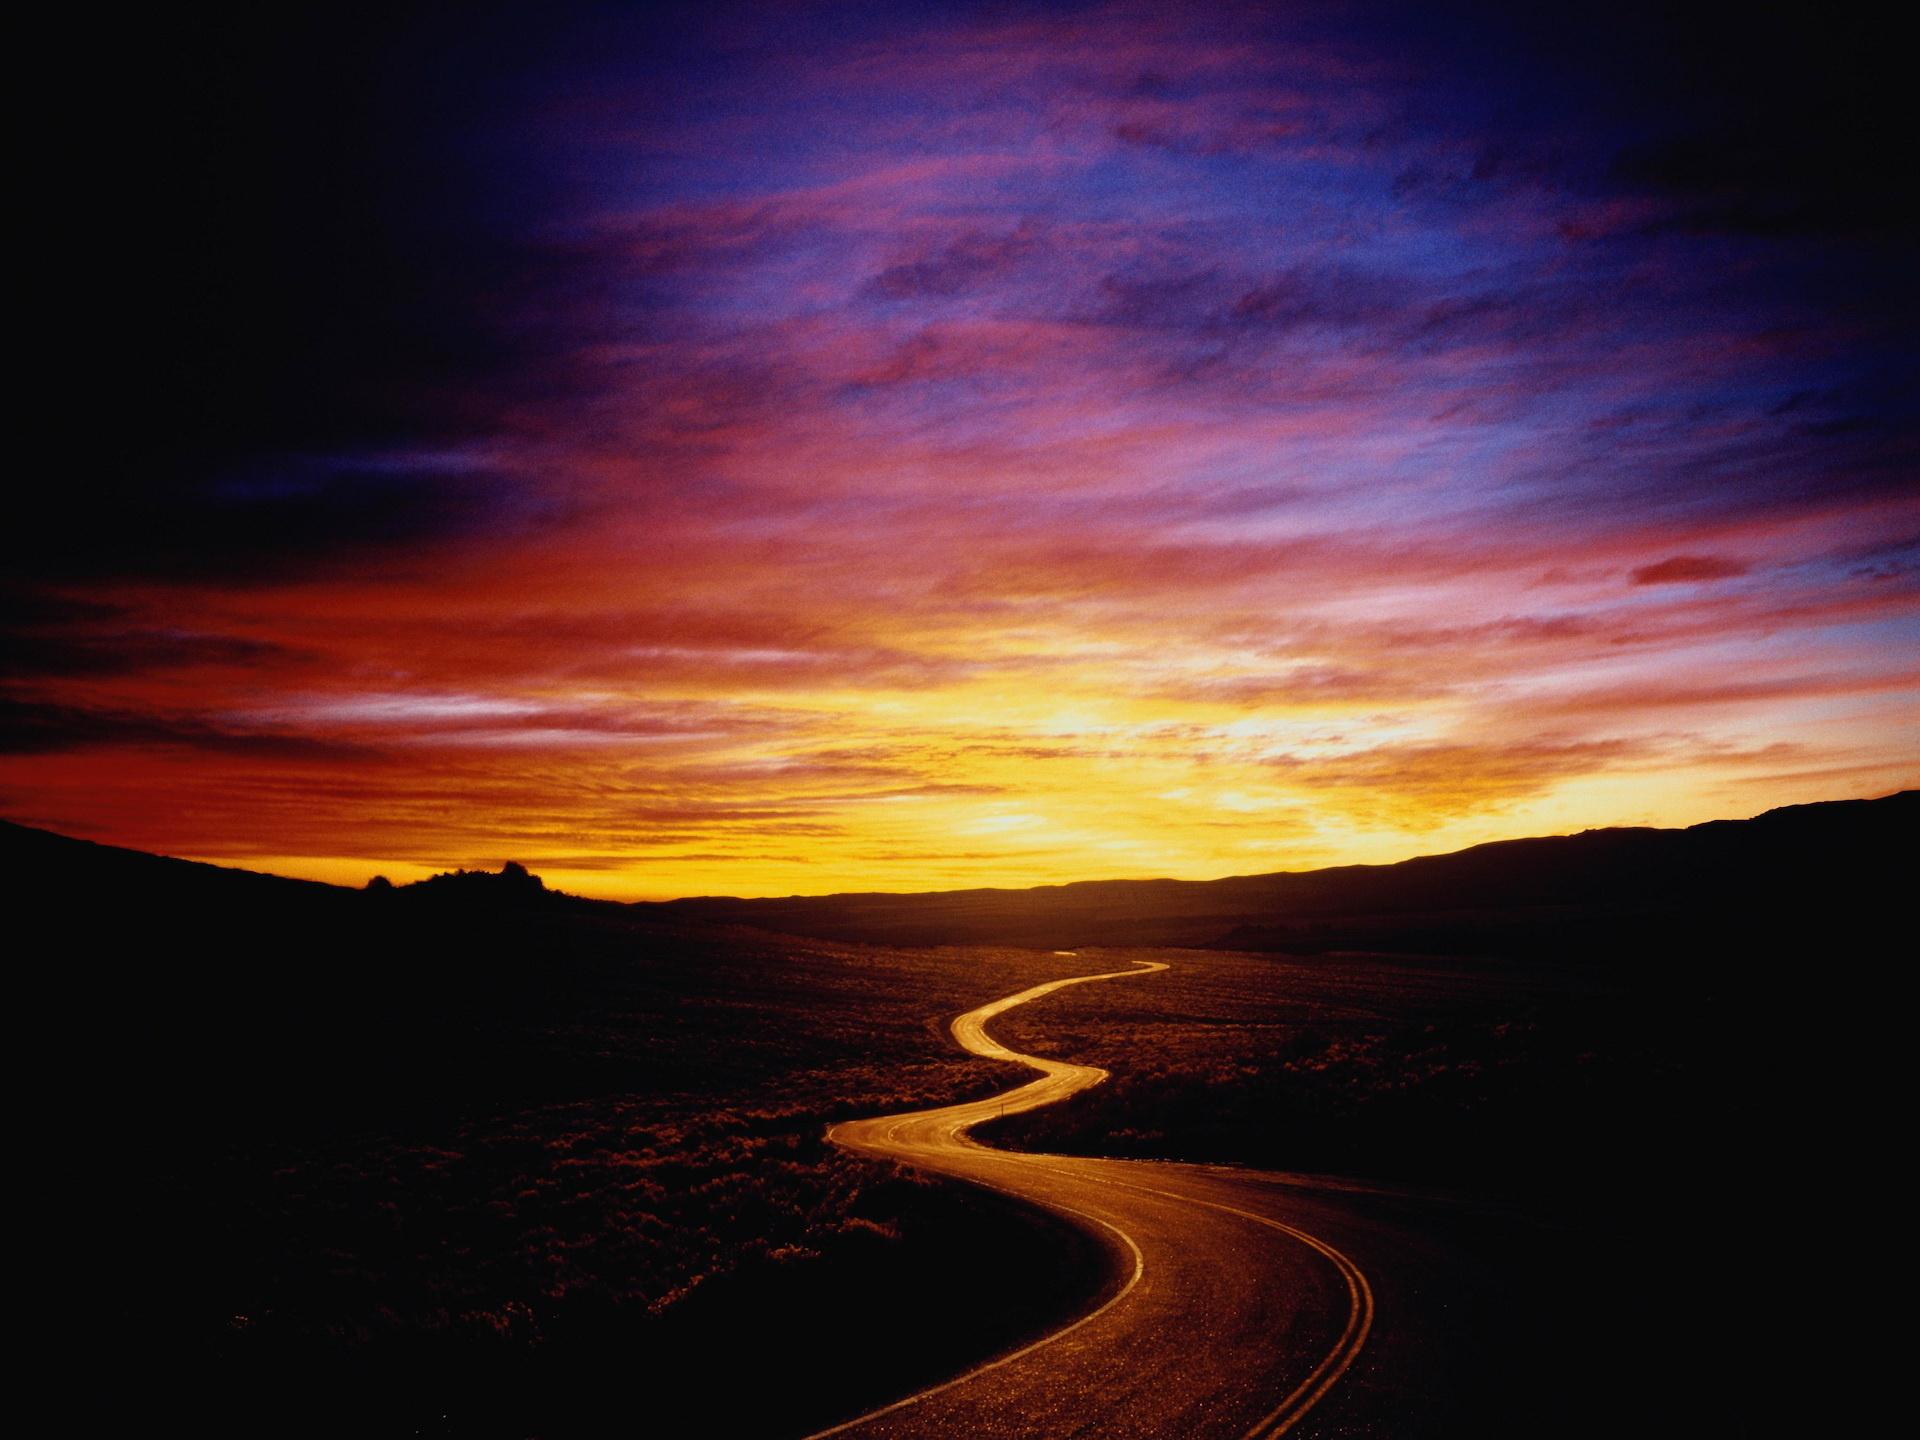 извилистая дорога, шоссе, скачать фото, закат солнца, обои для рабочего стола